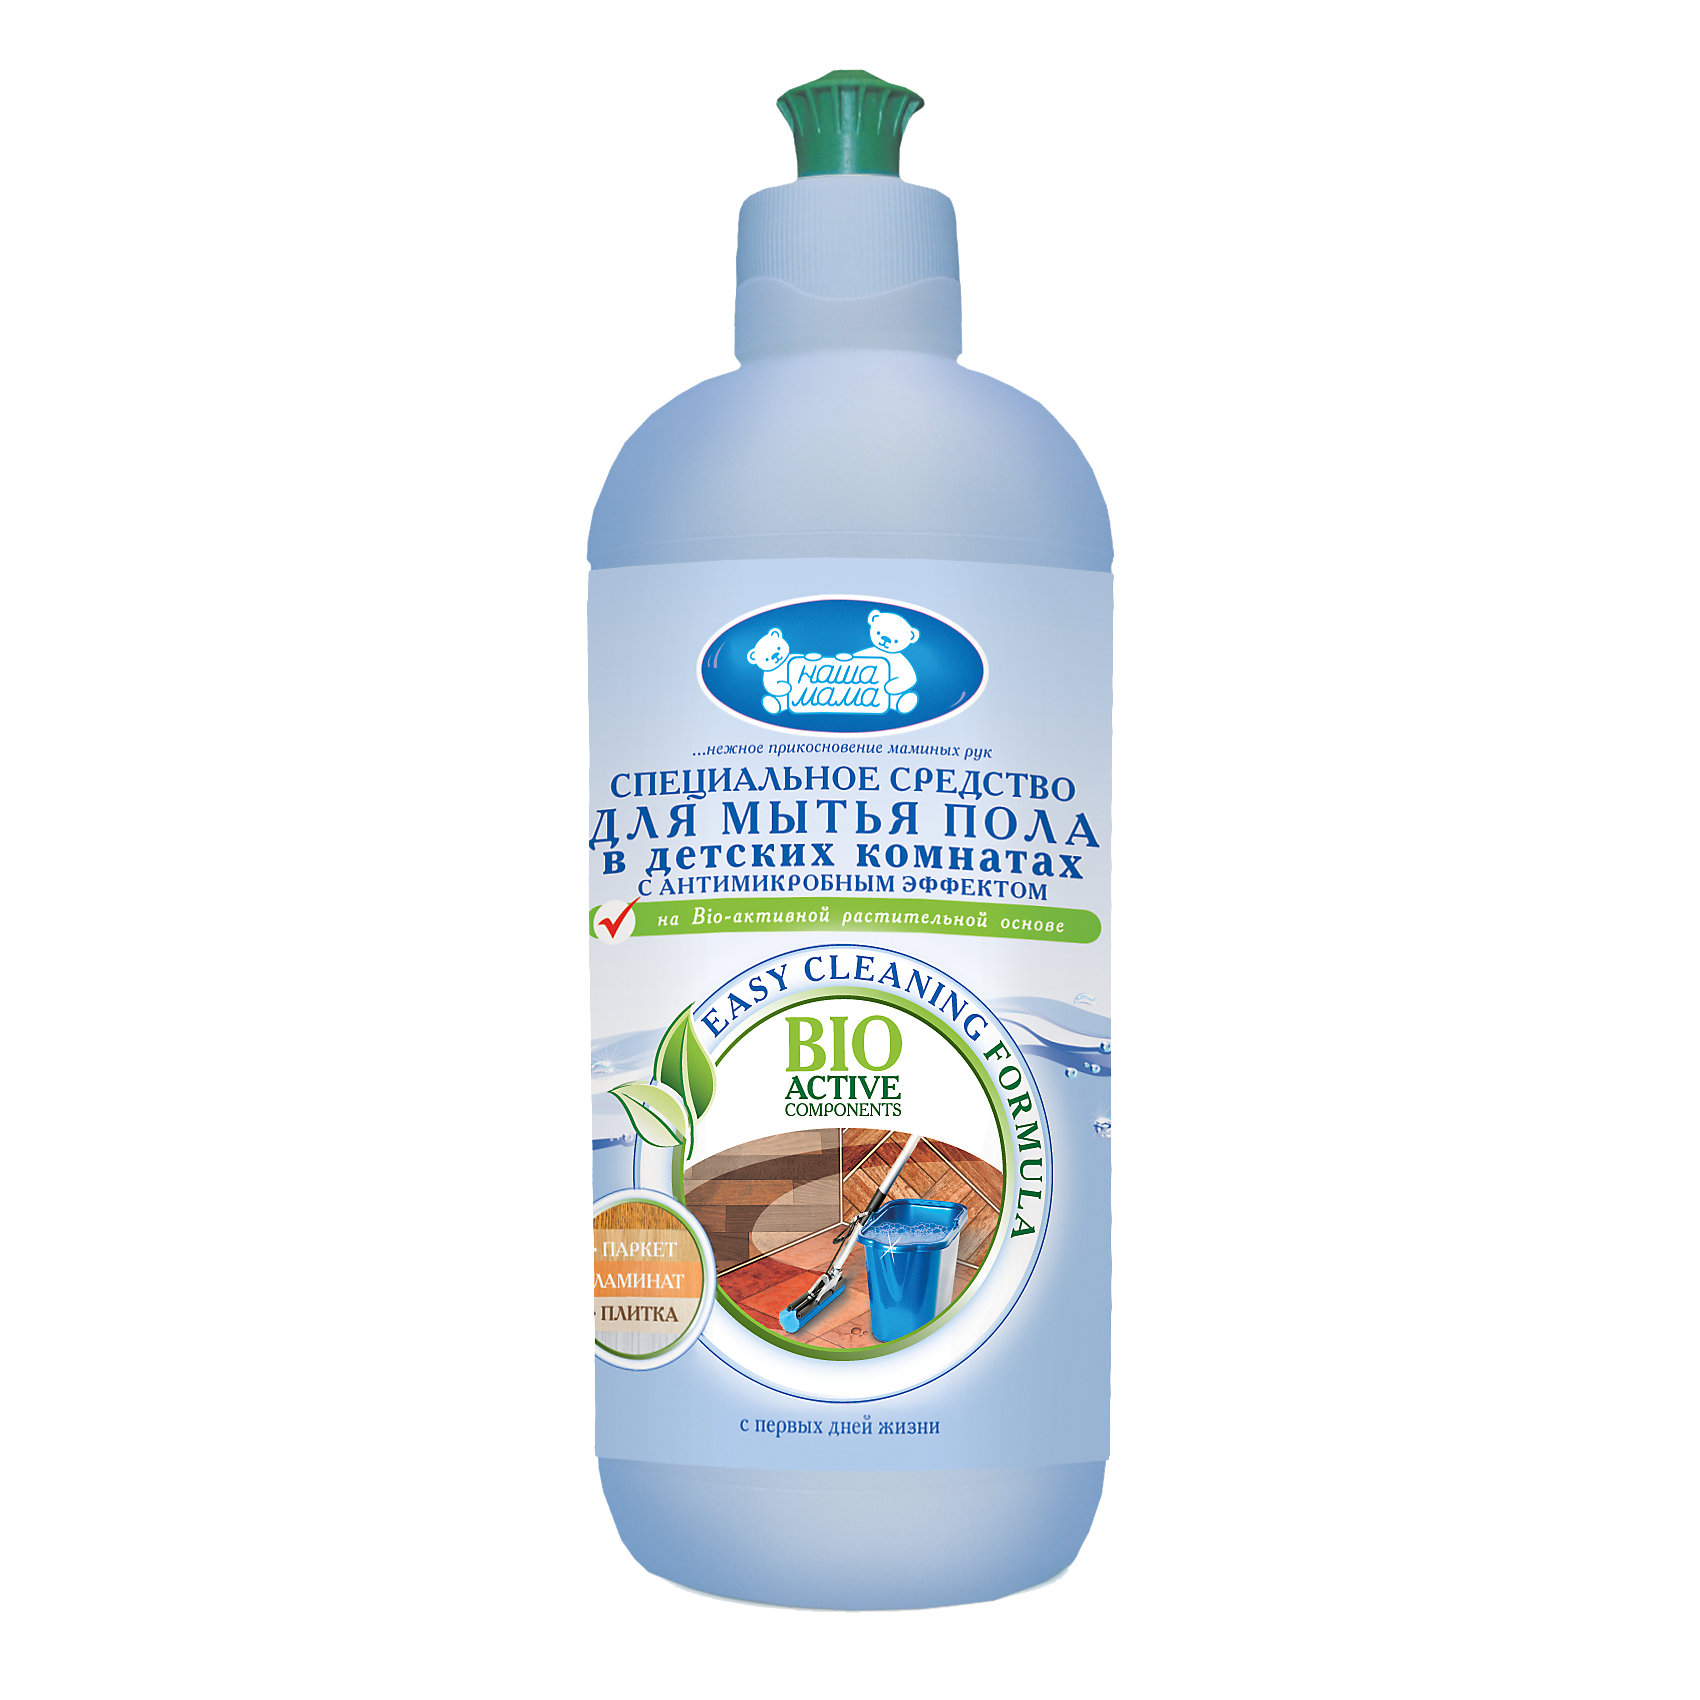 Наша мама Средство для мытья пола с антимикробным эффектом, Наша Мама наша мама средство для мытья пола с антимикробным эффектом 500 мл